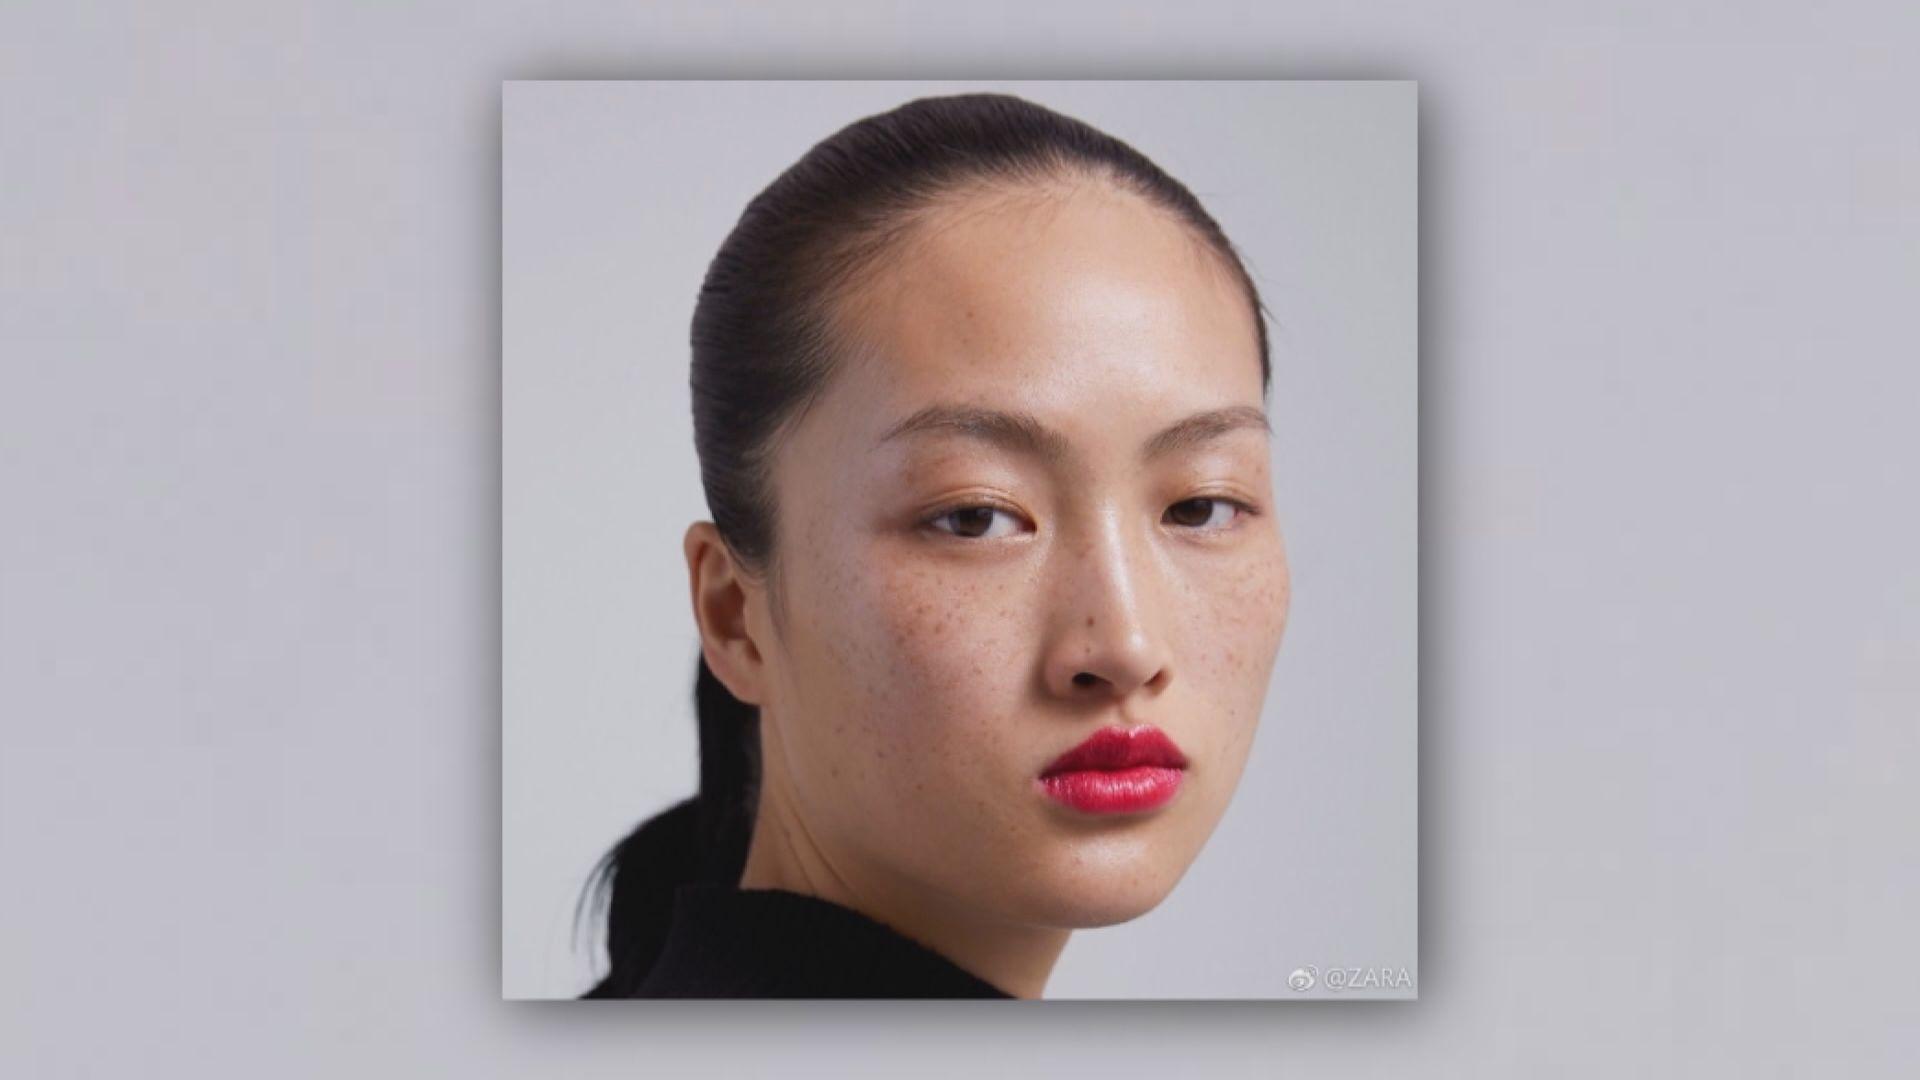 【環球薈報】ZARA廣告女模現雀斑被指醜化亞洲人